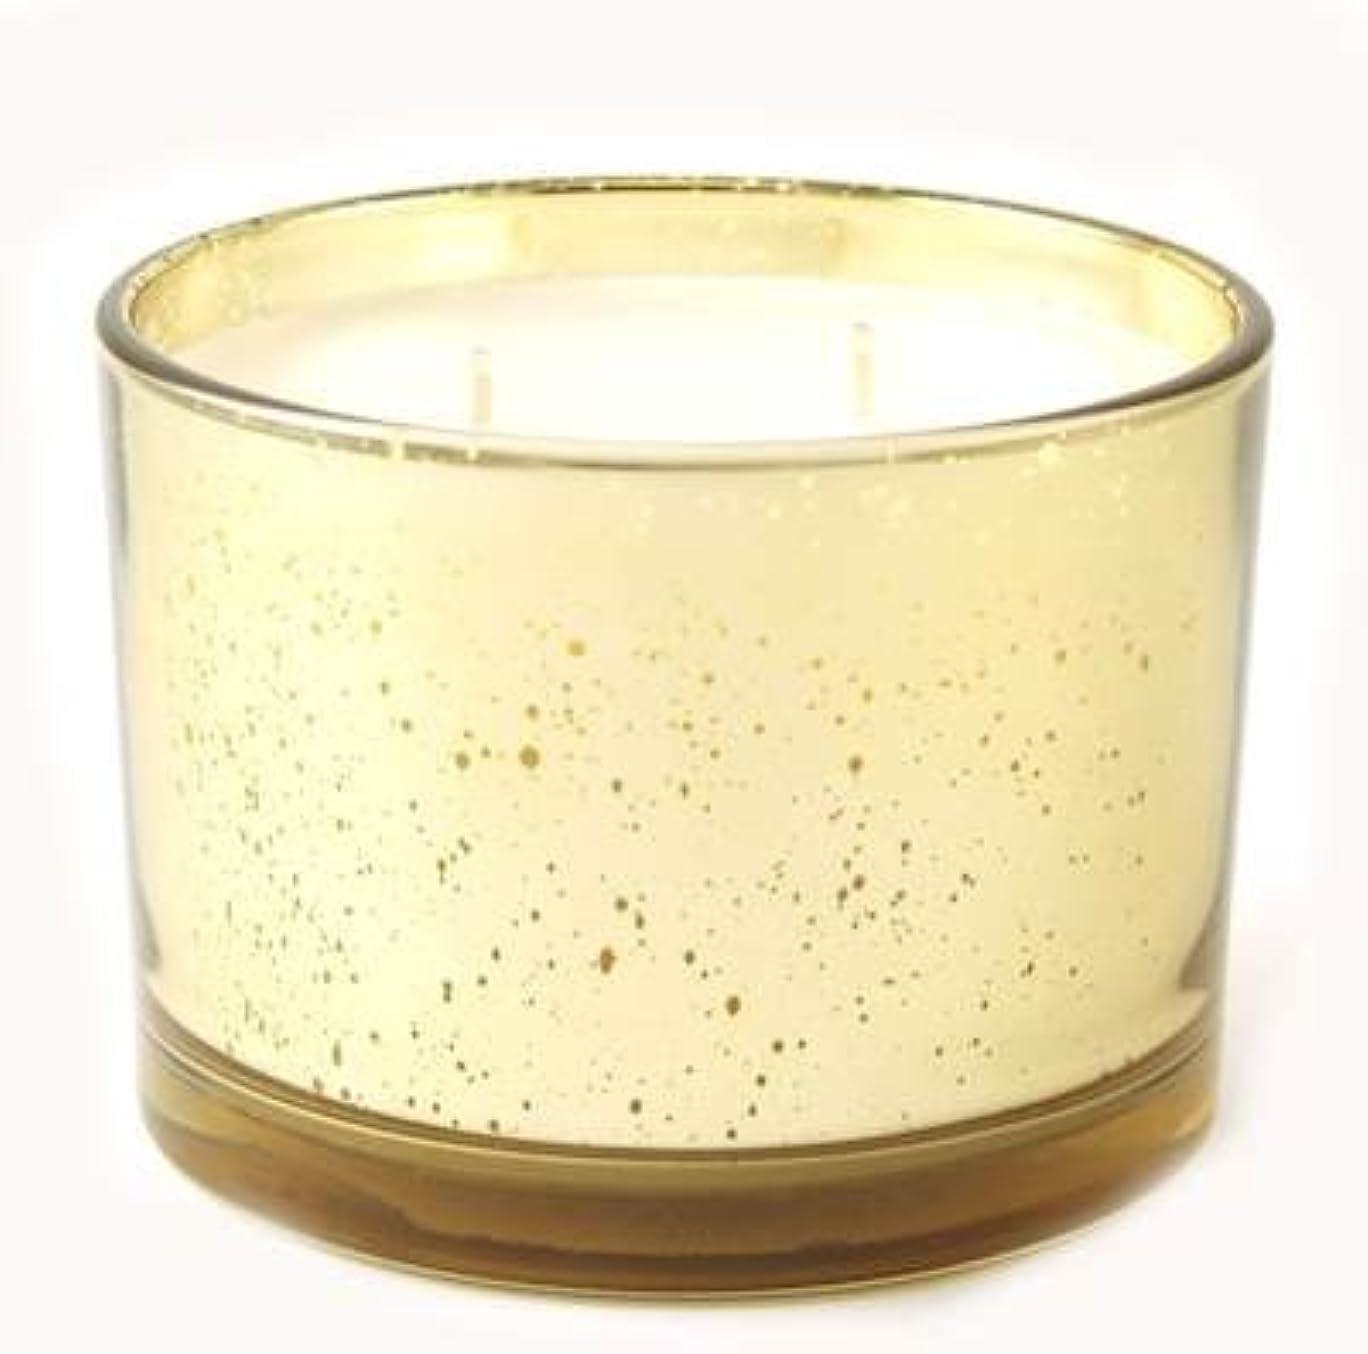 ウルル検索エンジン最適化法律Limelight Tyler Statureゴールドonゴールド16oz香りつきJar Candle